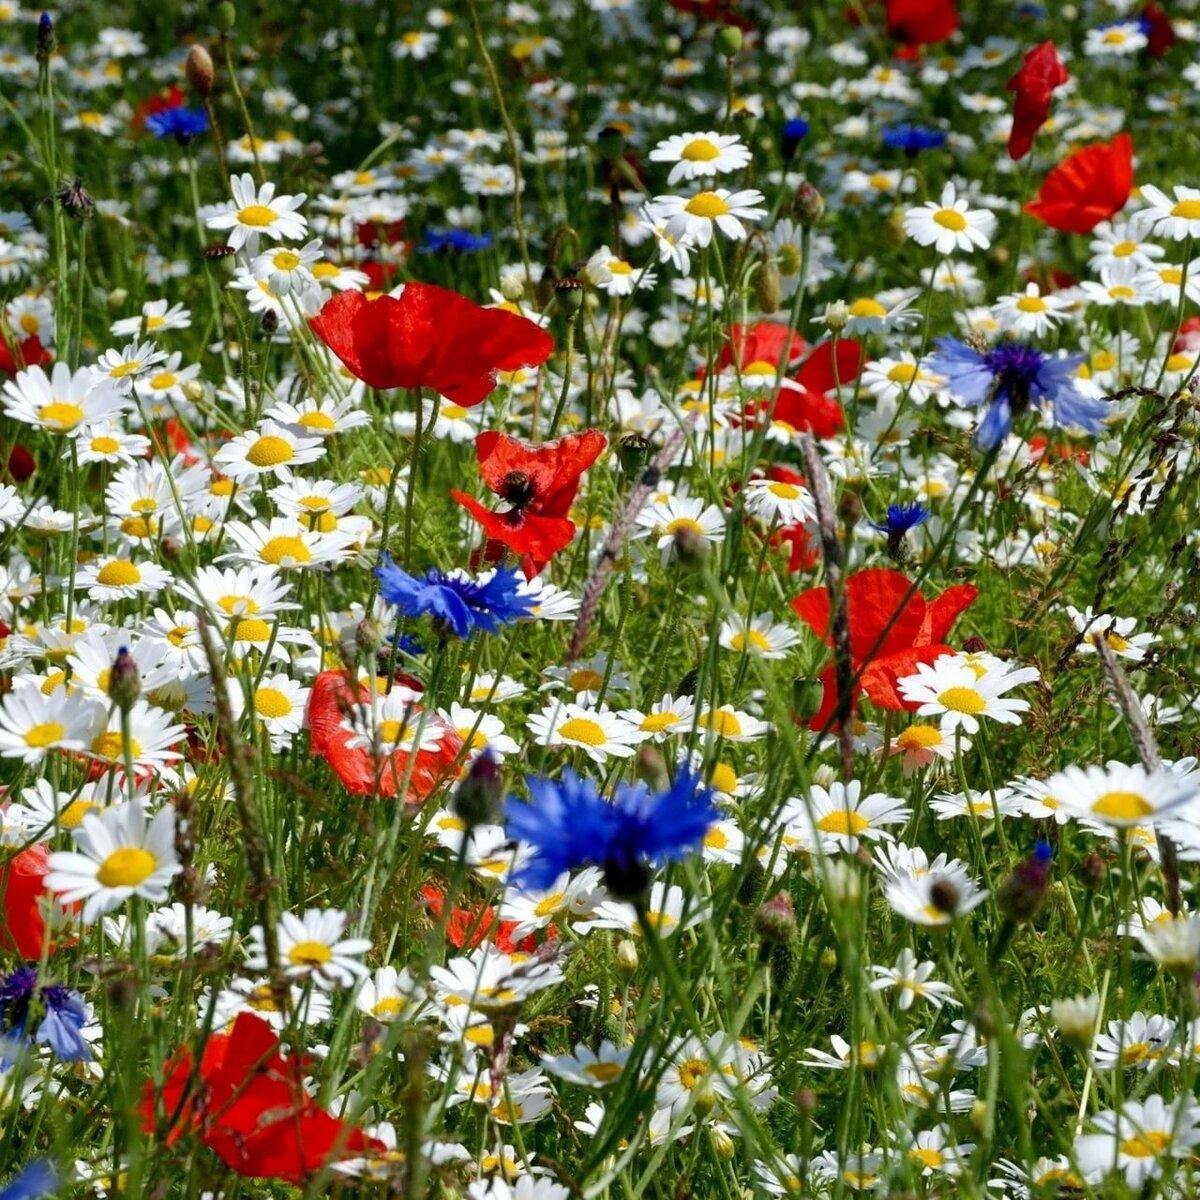 Полевые цветы полевые васильки и ромашки в лугах